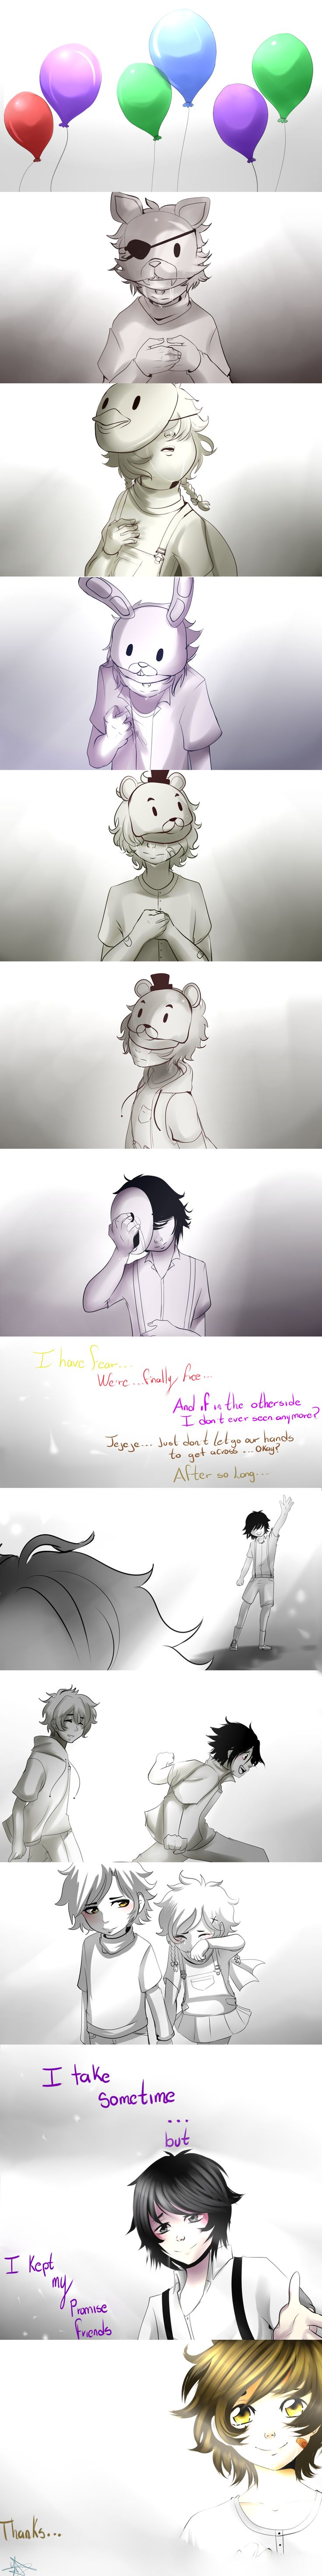 Vamo a llorar :''''v